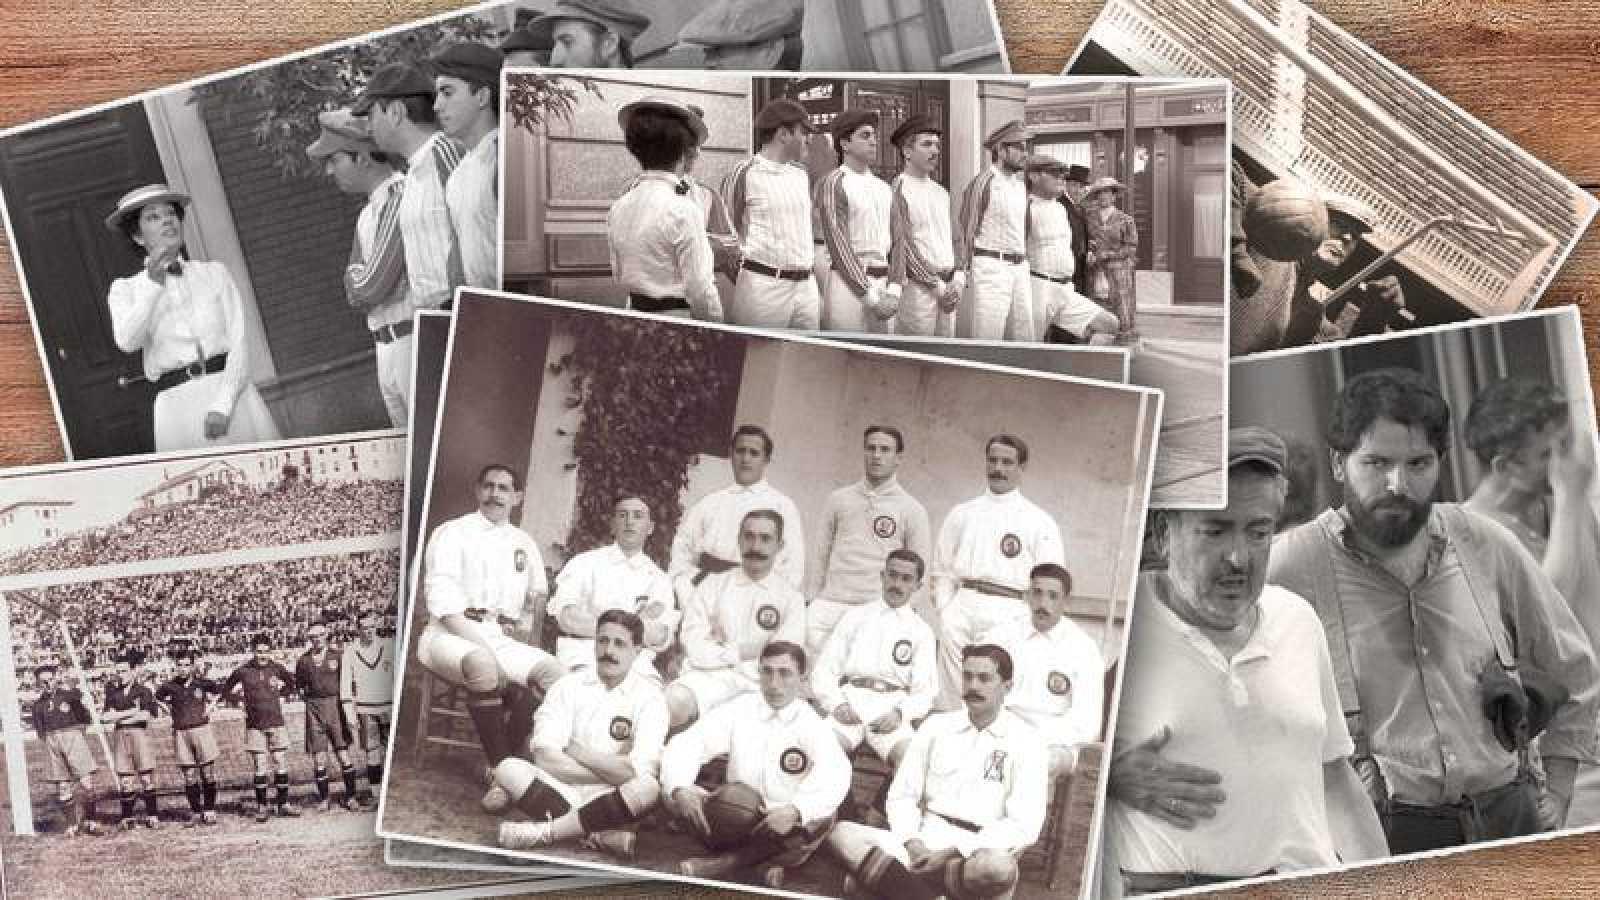 ¿Cuánto sabes de la historia del fútbol en España? ¡Descúbrelo con nuestro trivial!